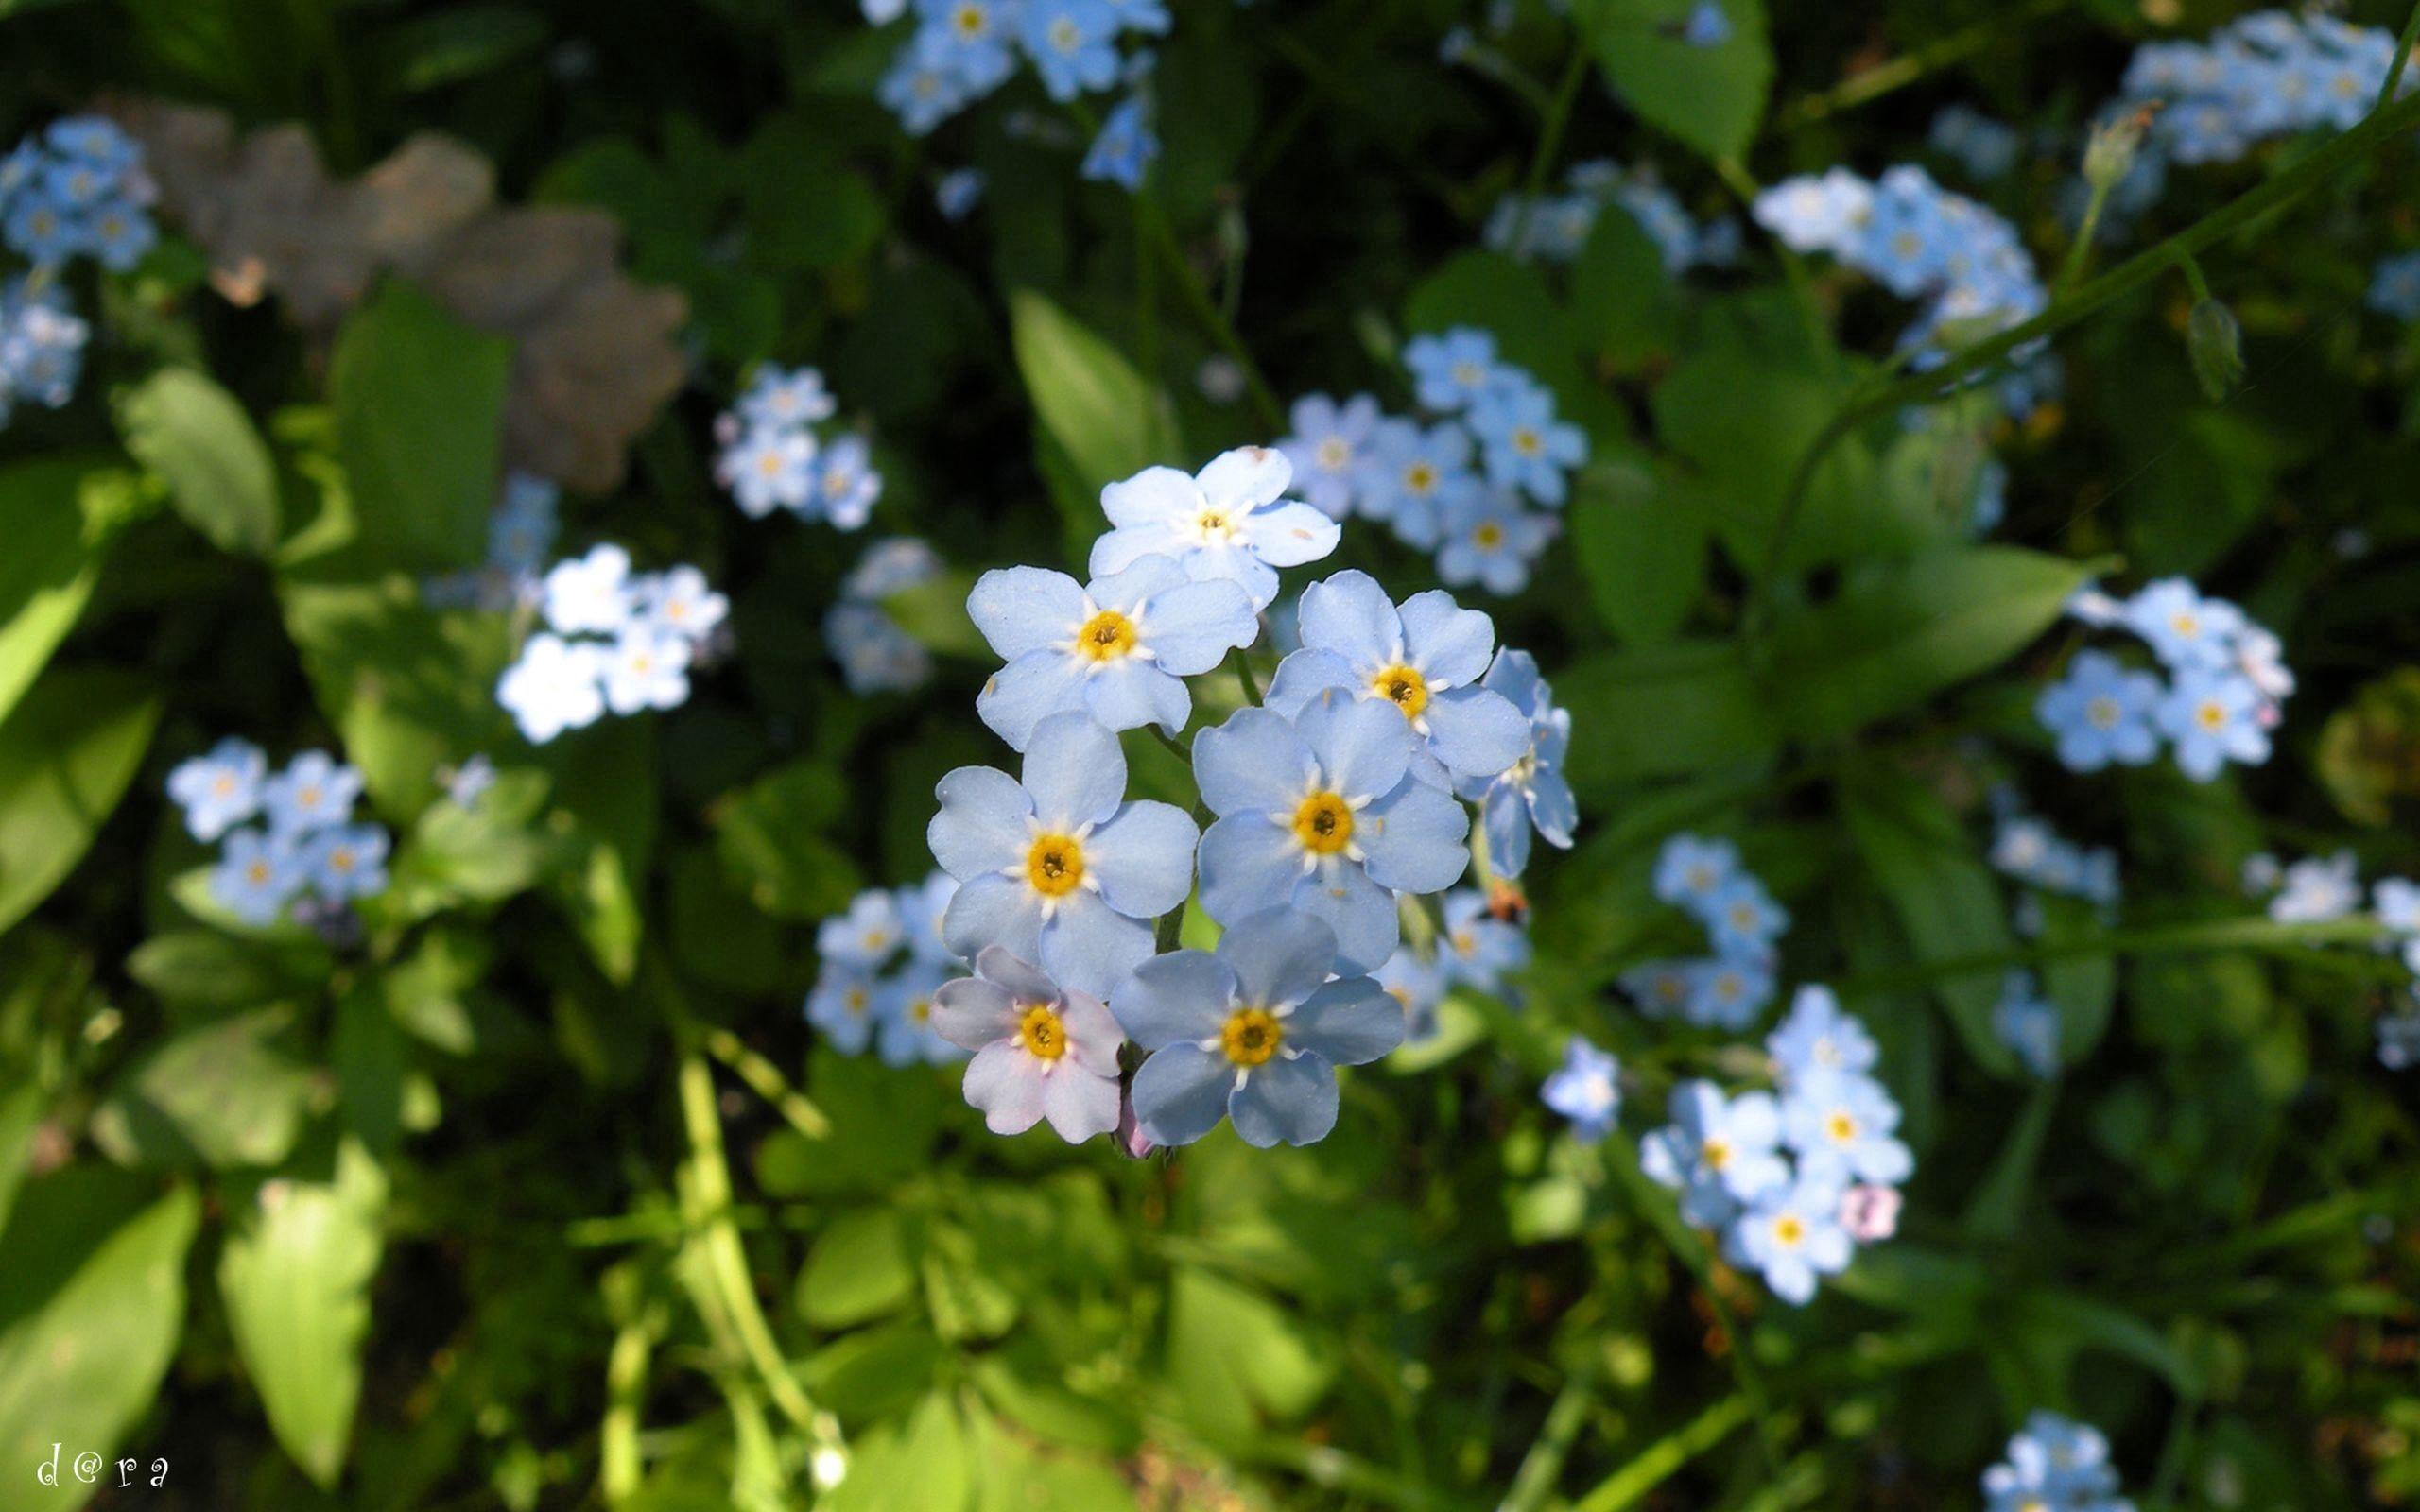 64861 Salvapantallas y fondos de pantalla Flores en tu teléfono. Descarga imágenes de Macro, Pequeña, Pequeño, Hierba, Planta, Flores gratis